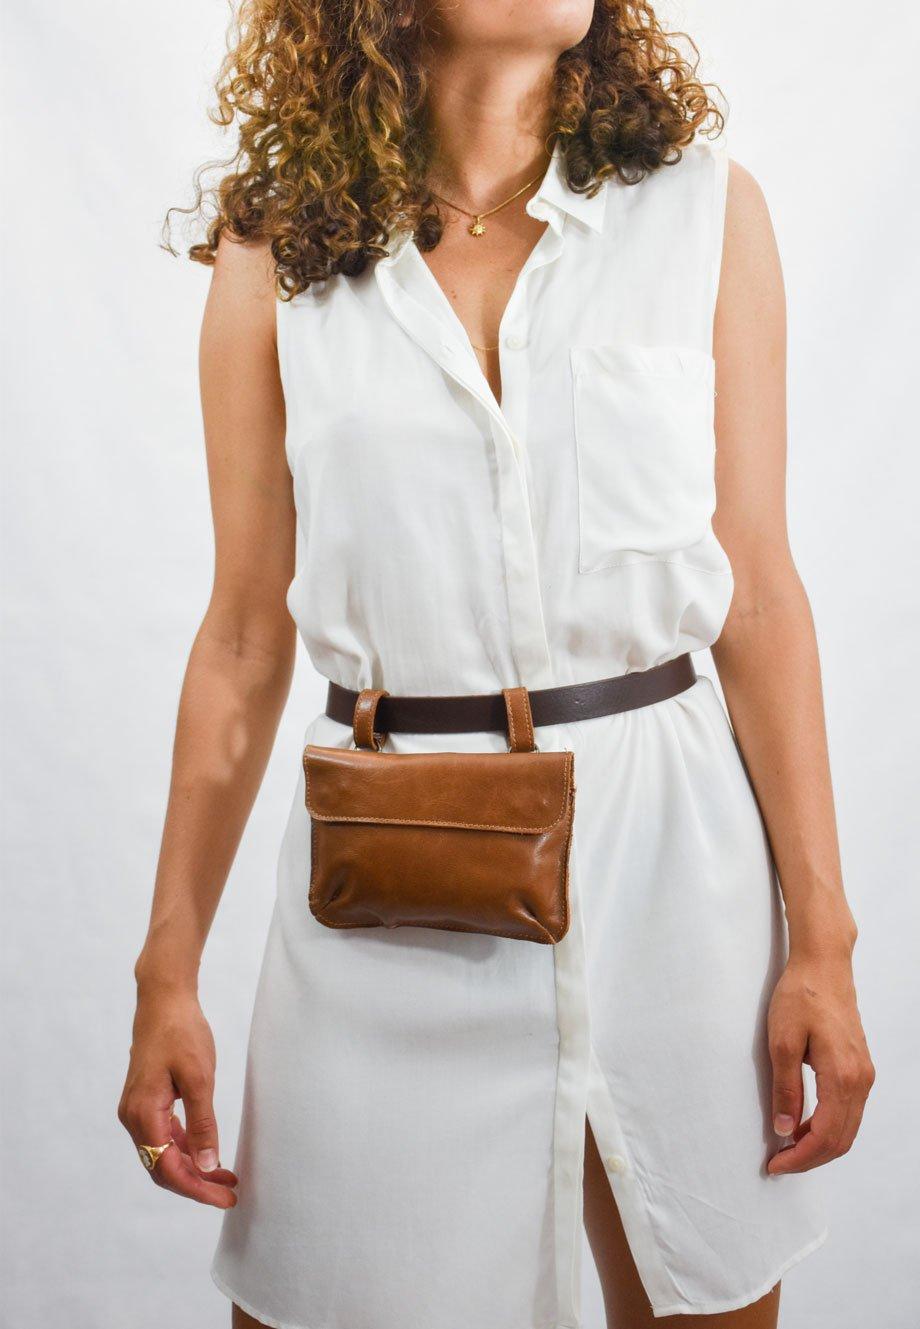 riñonera salta marrón cuero piel pequeña leather